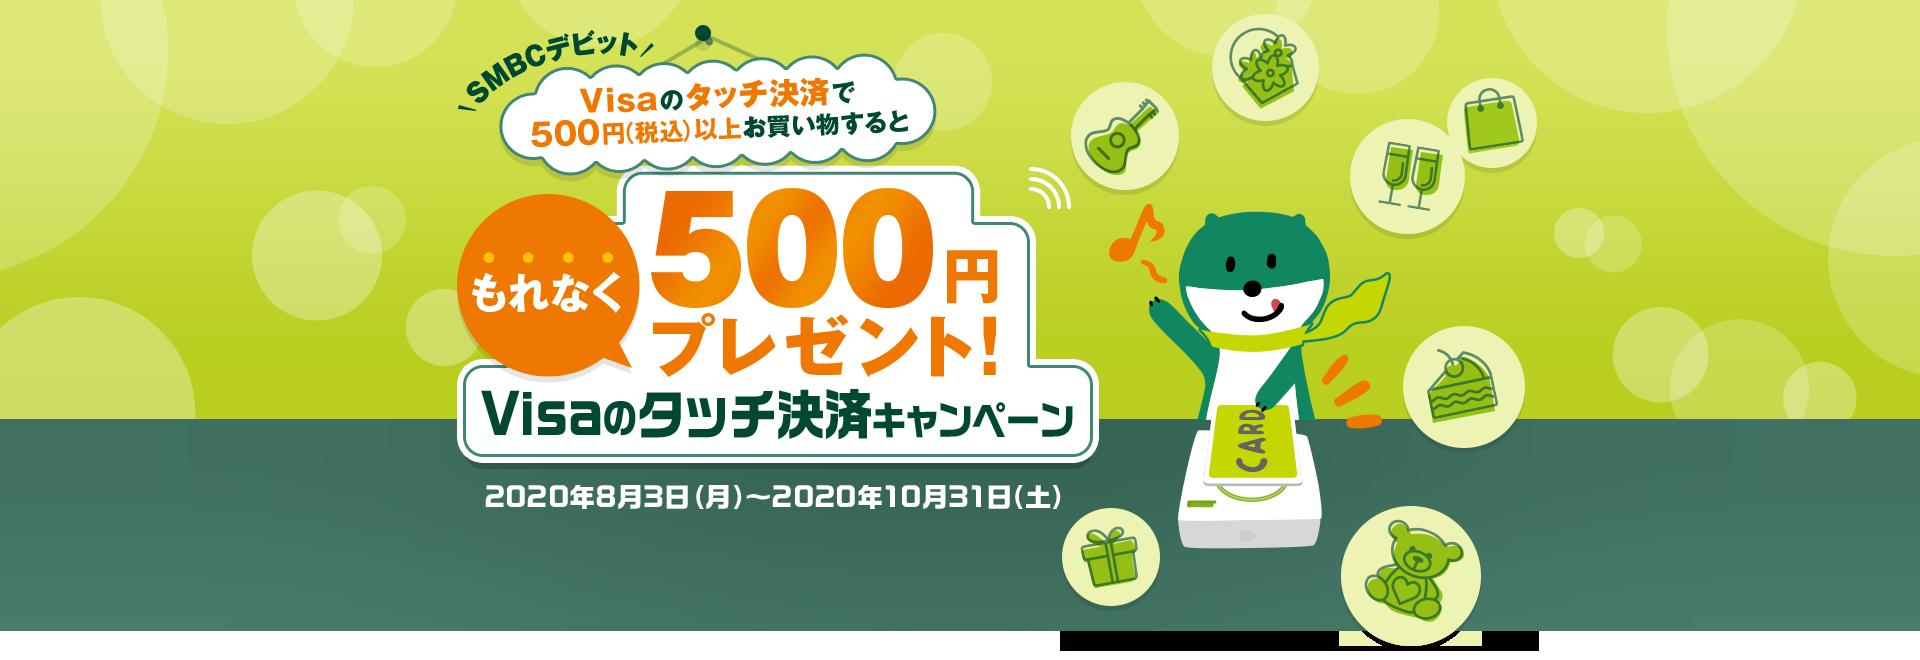 SMBCデビットでVisaのタッチ決済をするともれなく500円バック。~10/31。